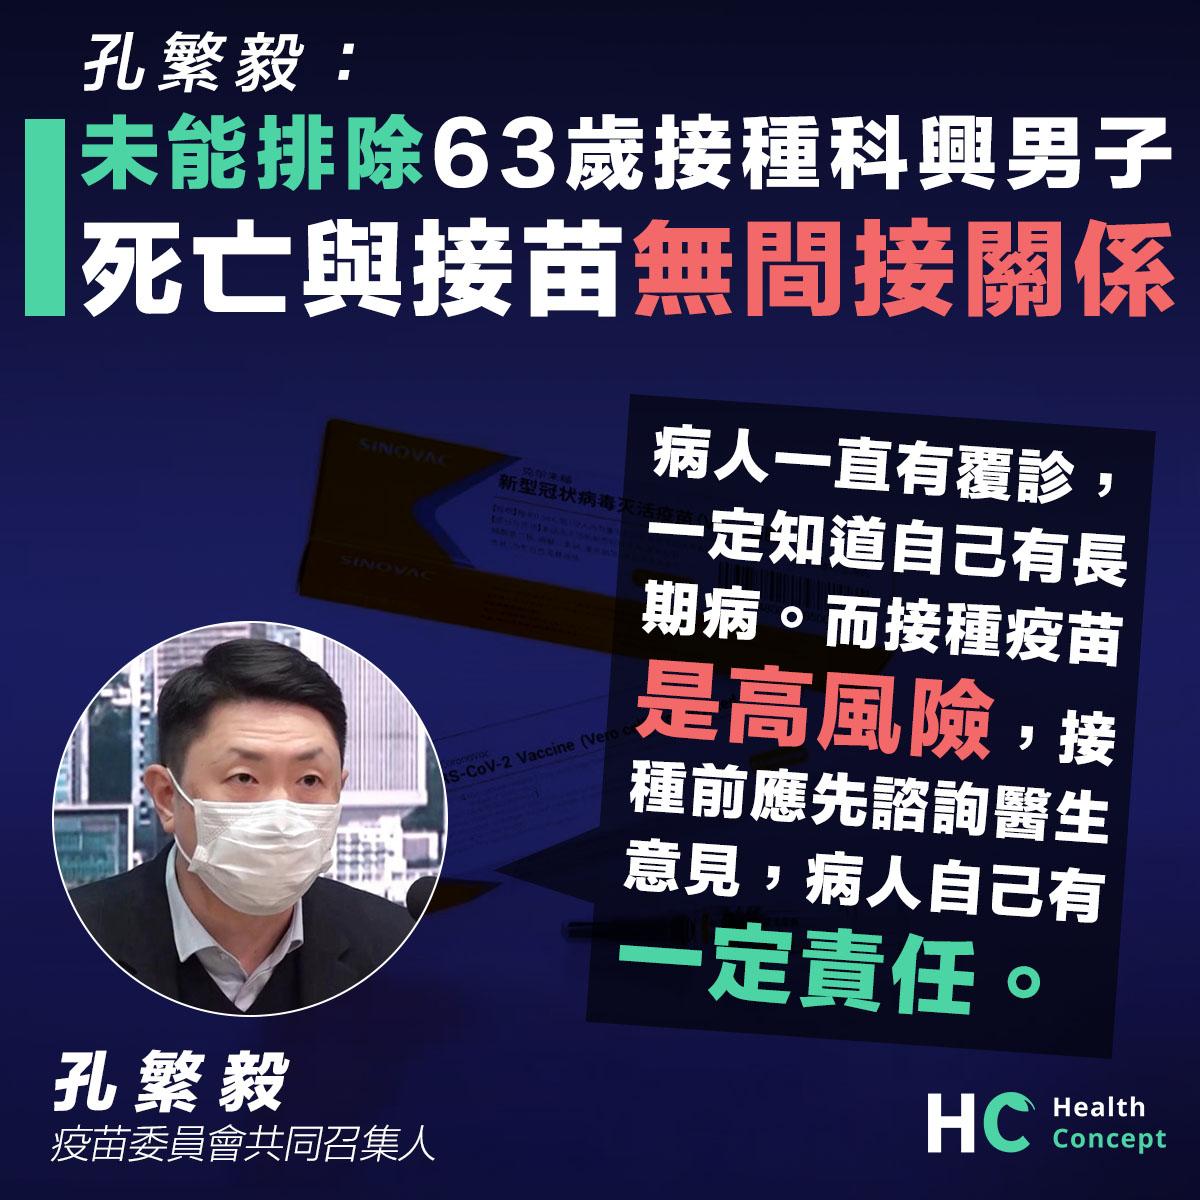 孔繁毅:未能排除與接種疫苗無間接關係 死者有一定責任